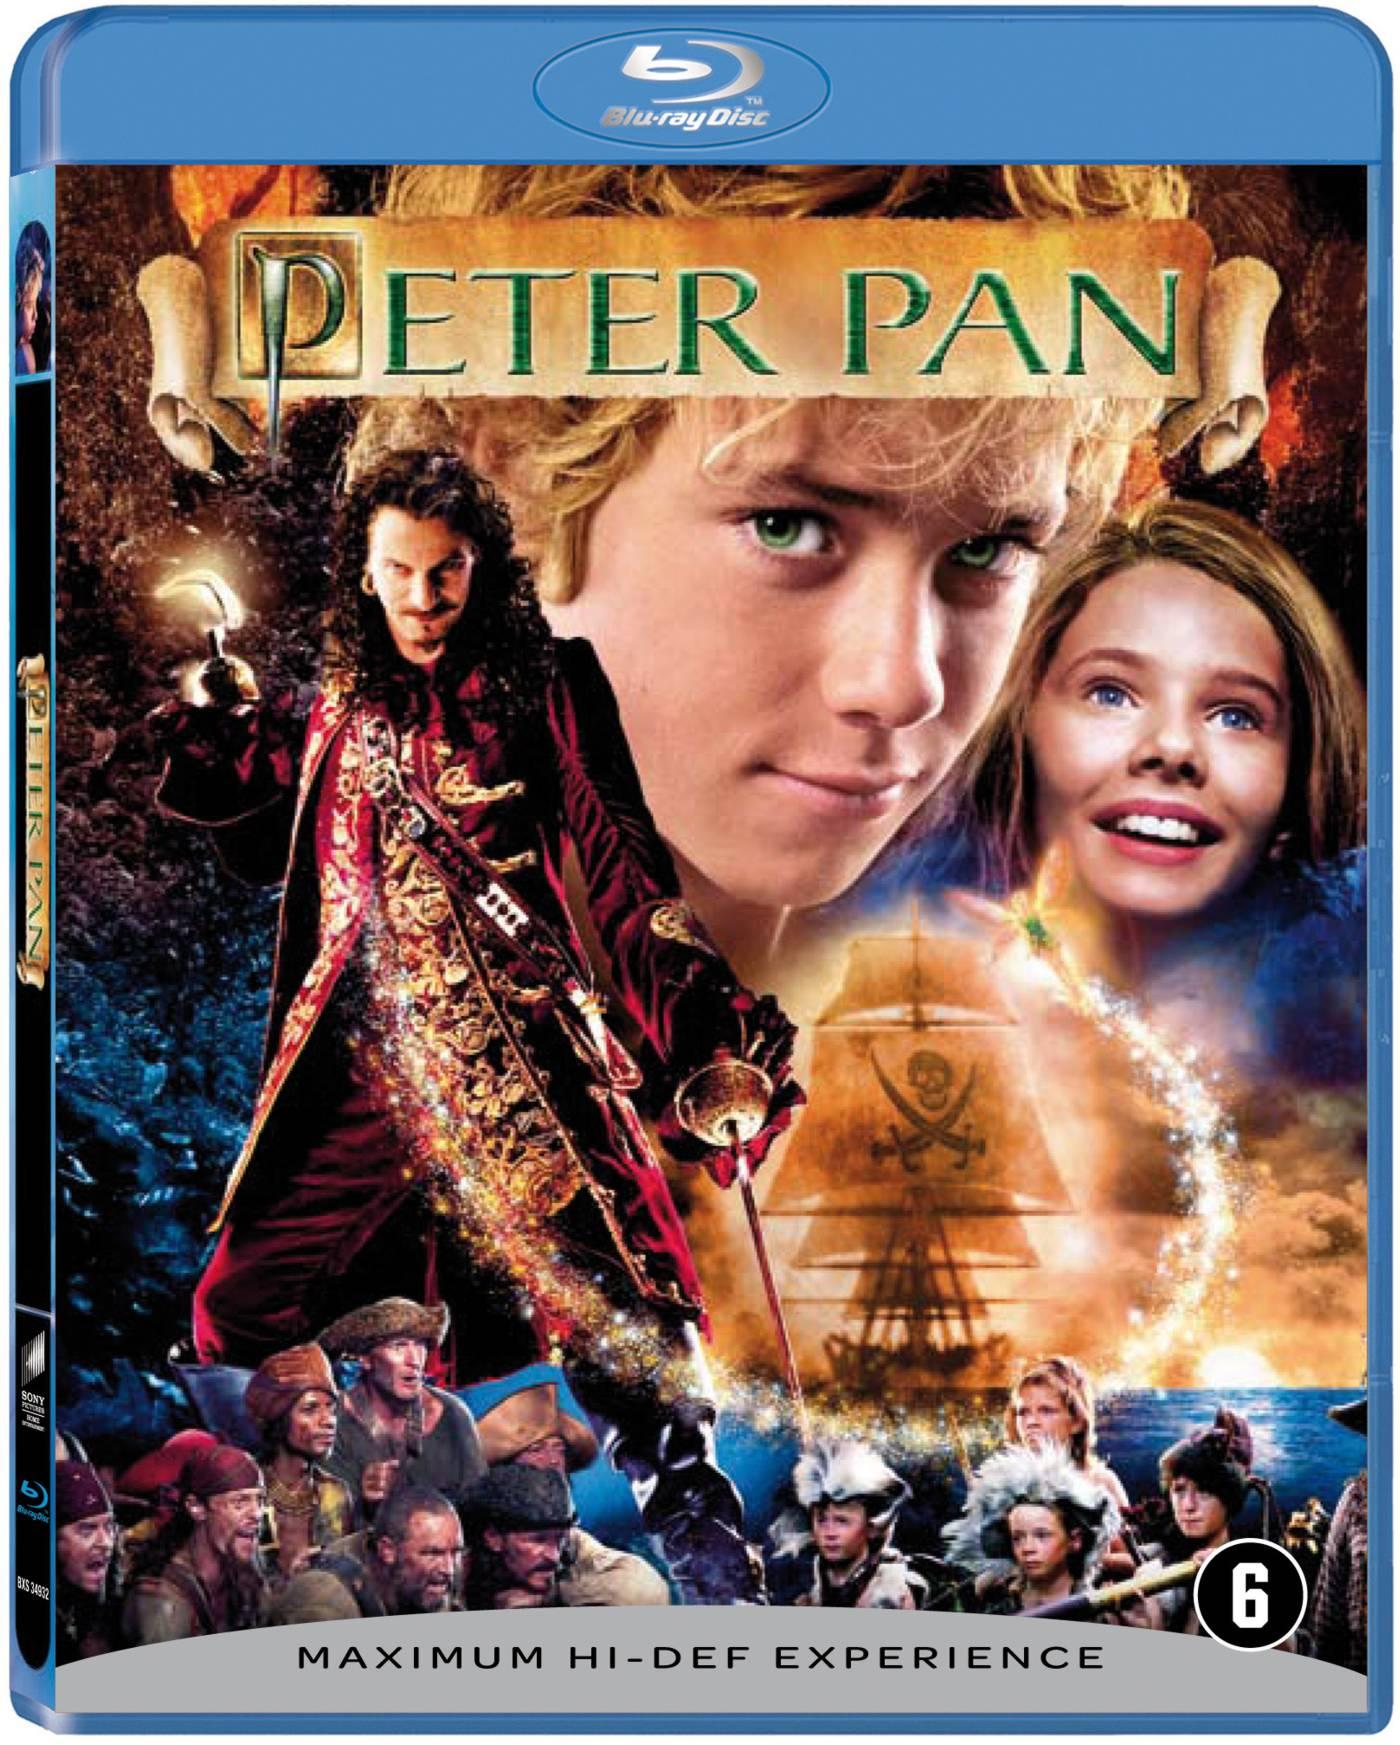 PETR PAN - Blu-ray